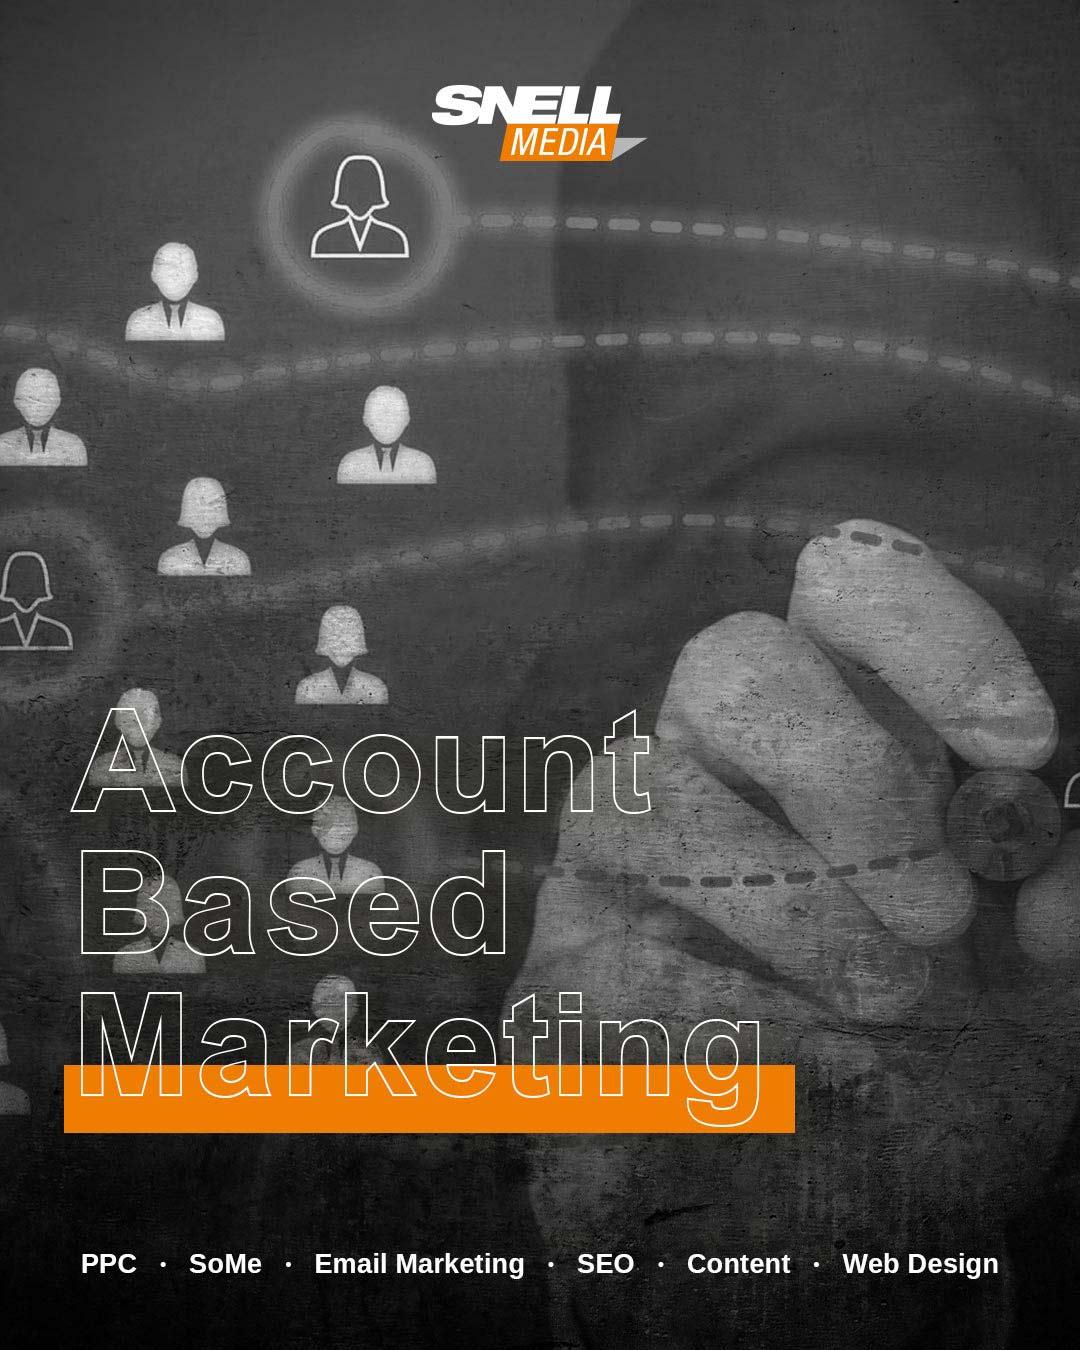 Account-Based Marketing 3rd B2B Digital Marketing Trend